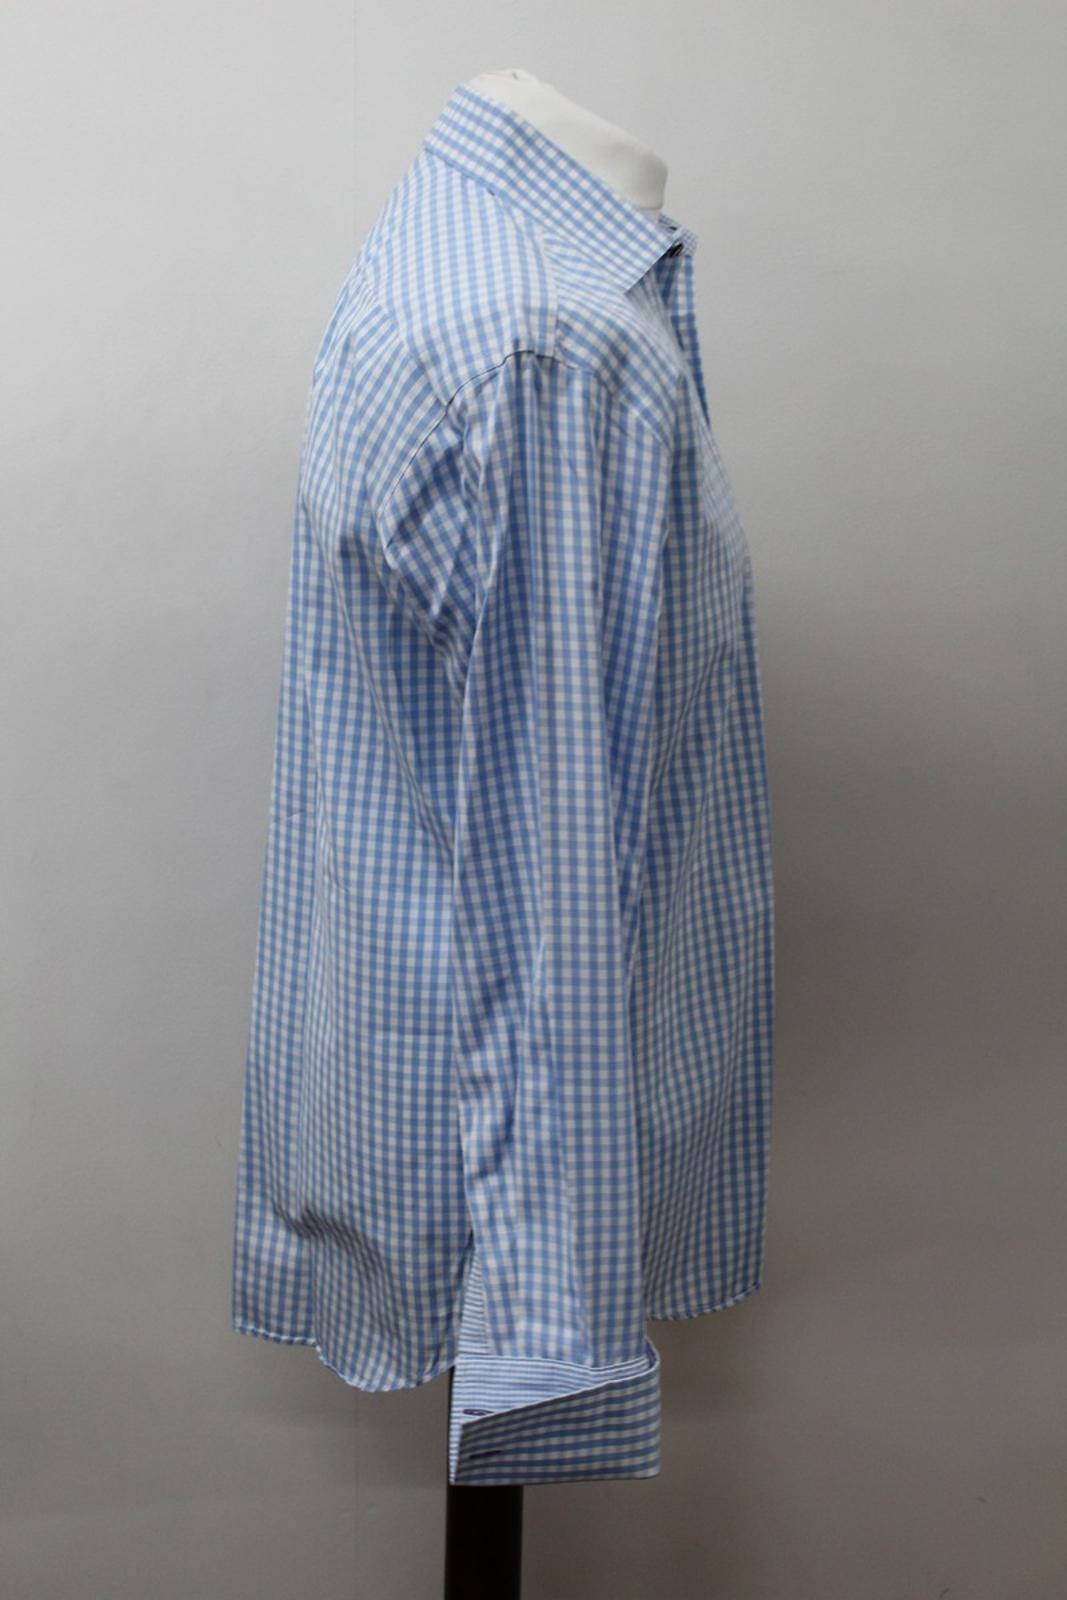 Paul-Smith-Para-Hombre-Camisa-Azul-Blanco-Algodon-comprobado-Formal-Cuello-16-5-034-42cm miniatura 4